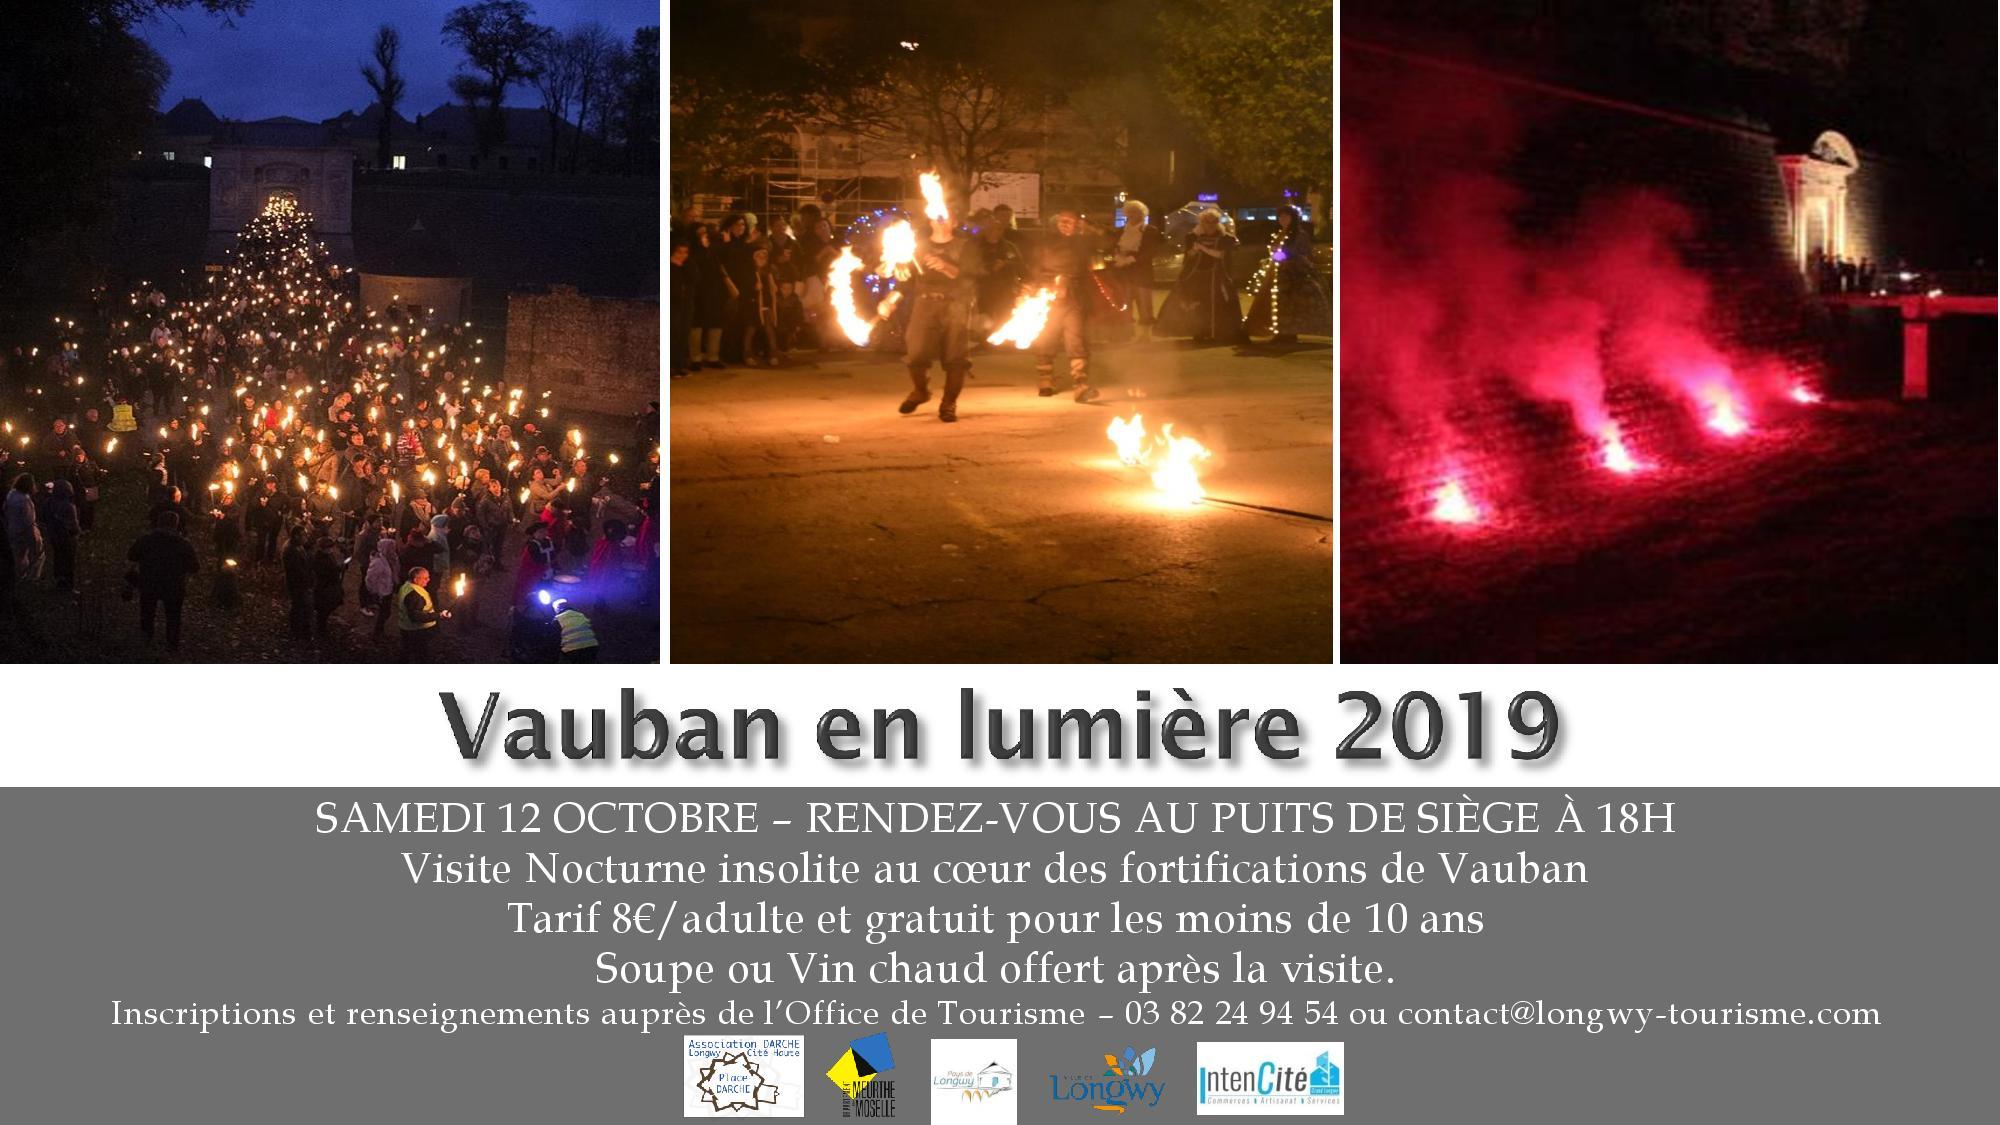 vauban lumiere 2019 – Longwy FR